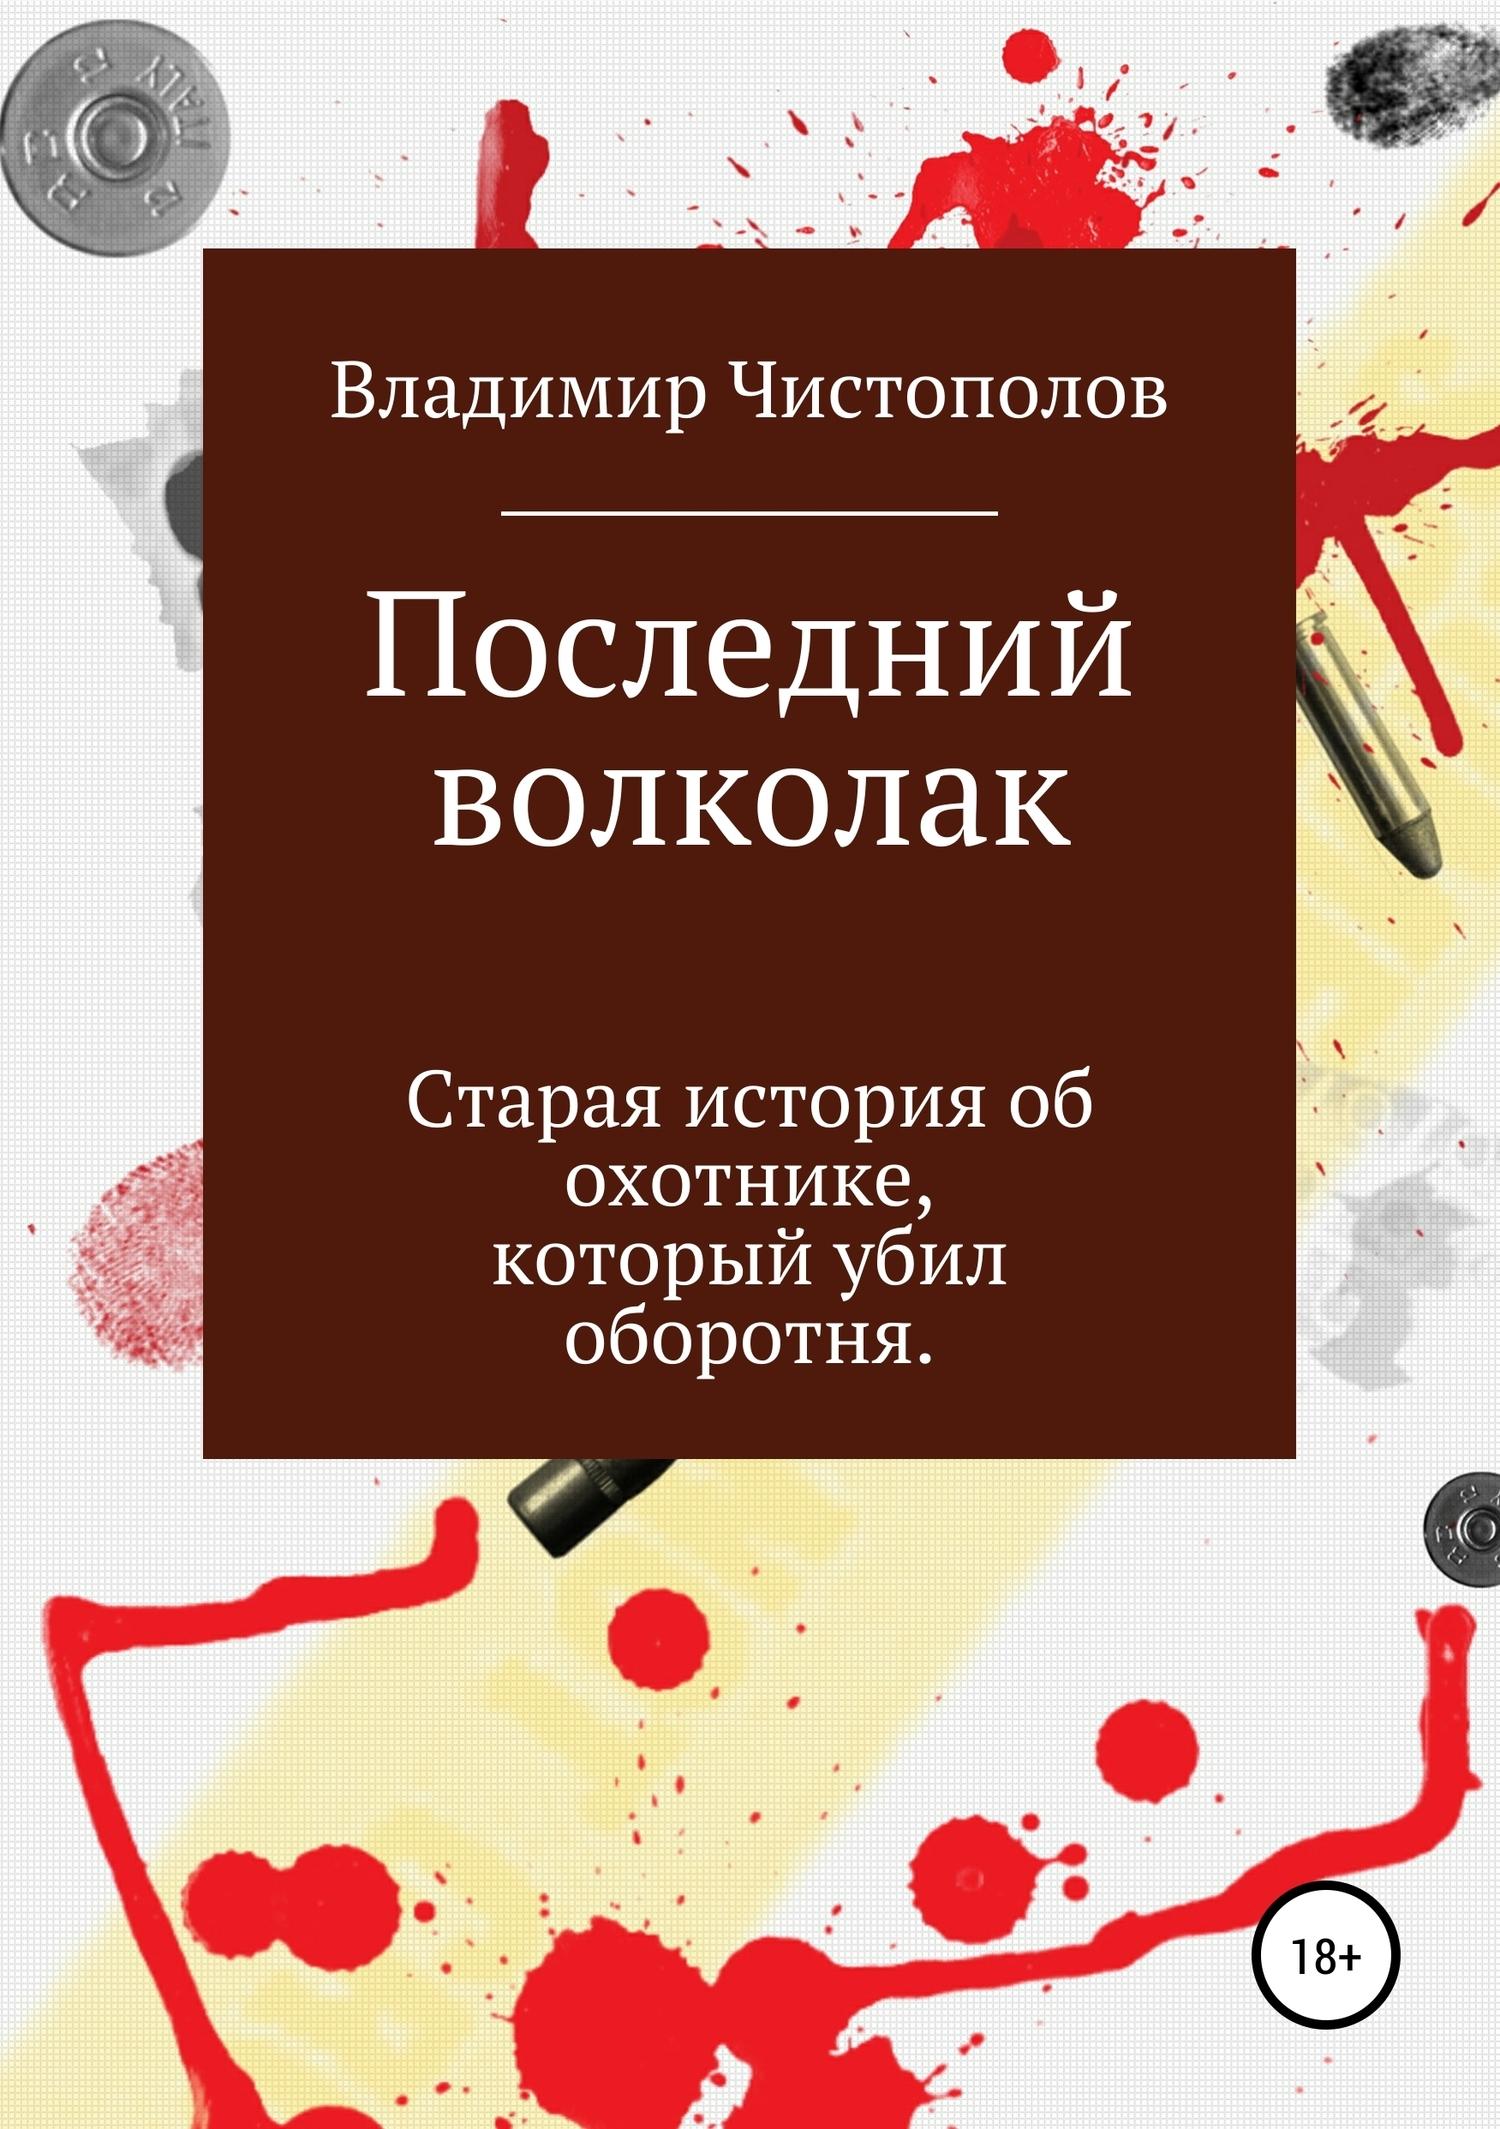 Владимир Чистополов - Последний волколак